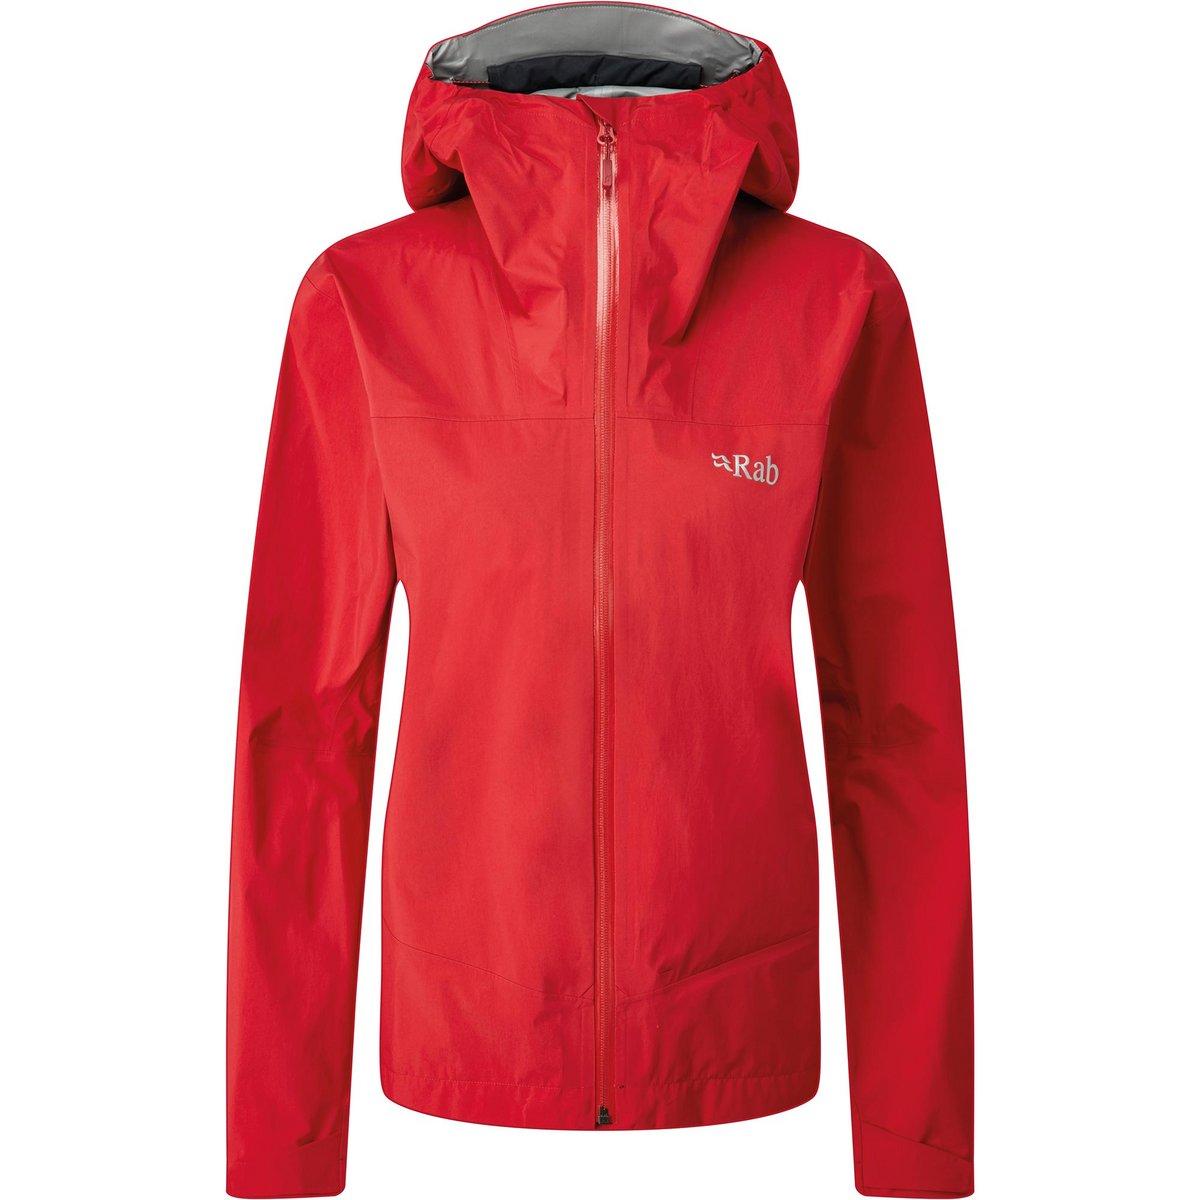 Rab Women's Meridian GORE-TEX PACLITE Plus Jacket 0